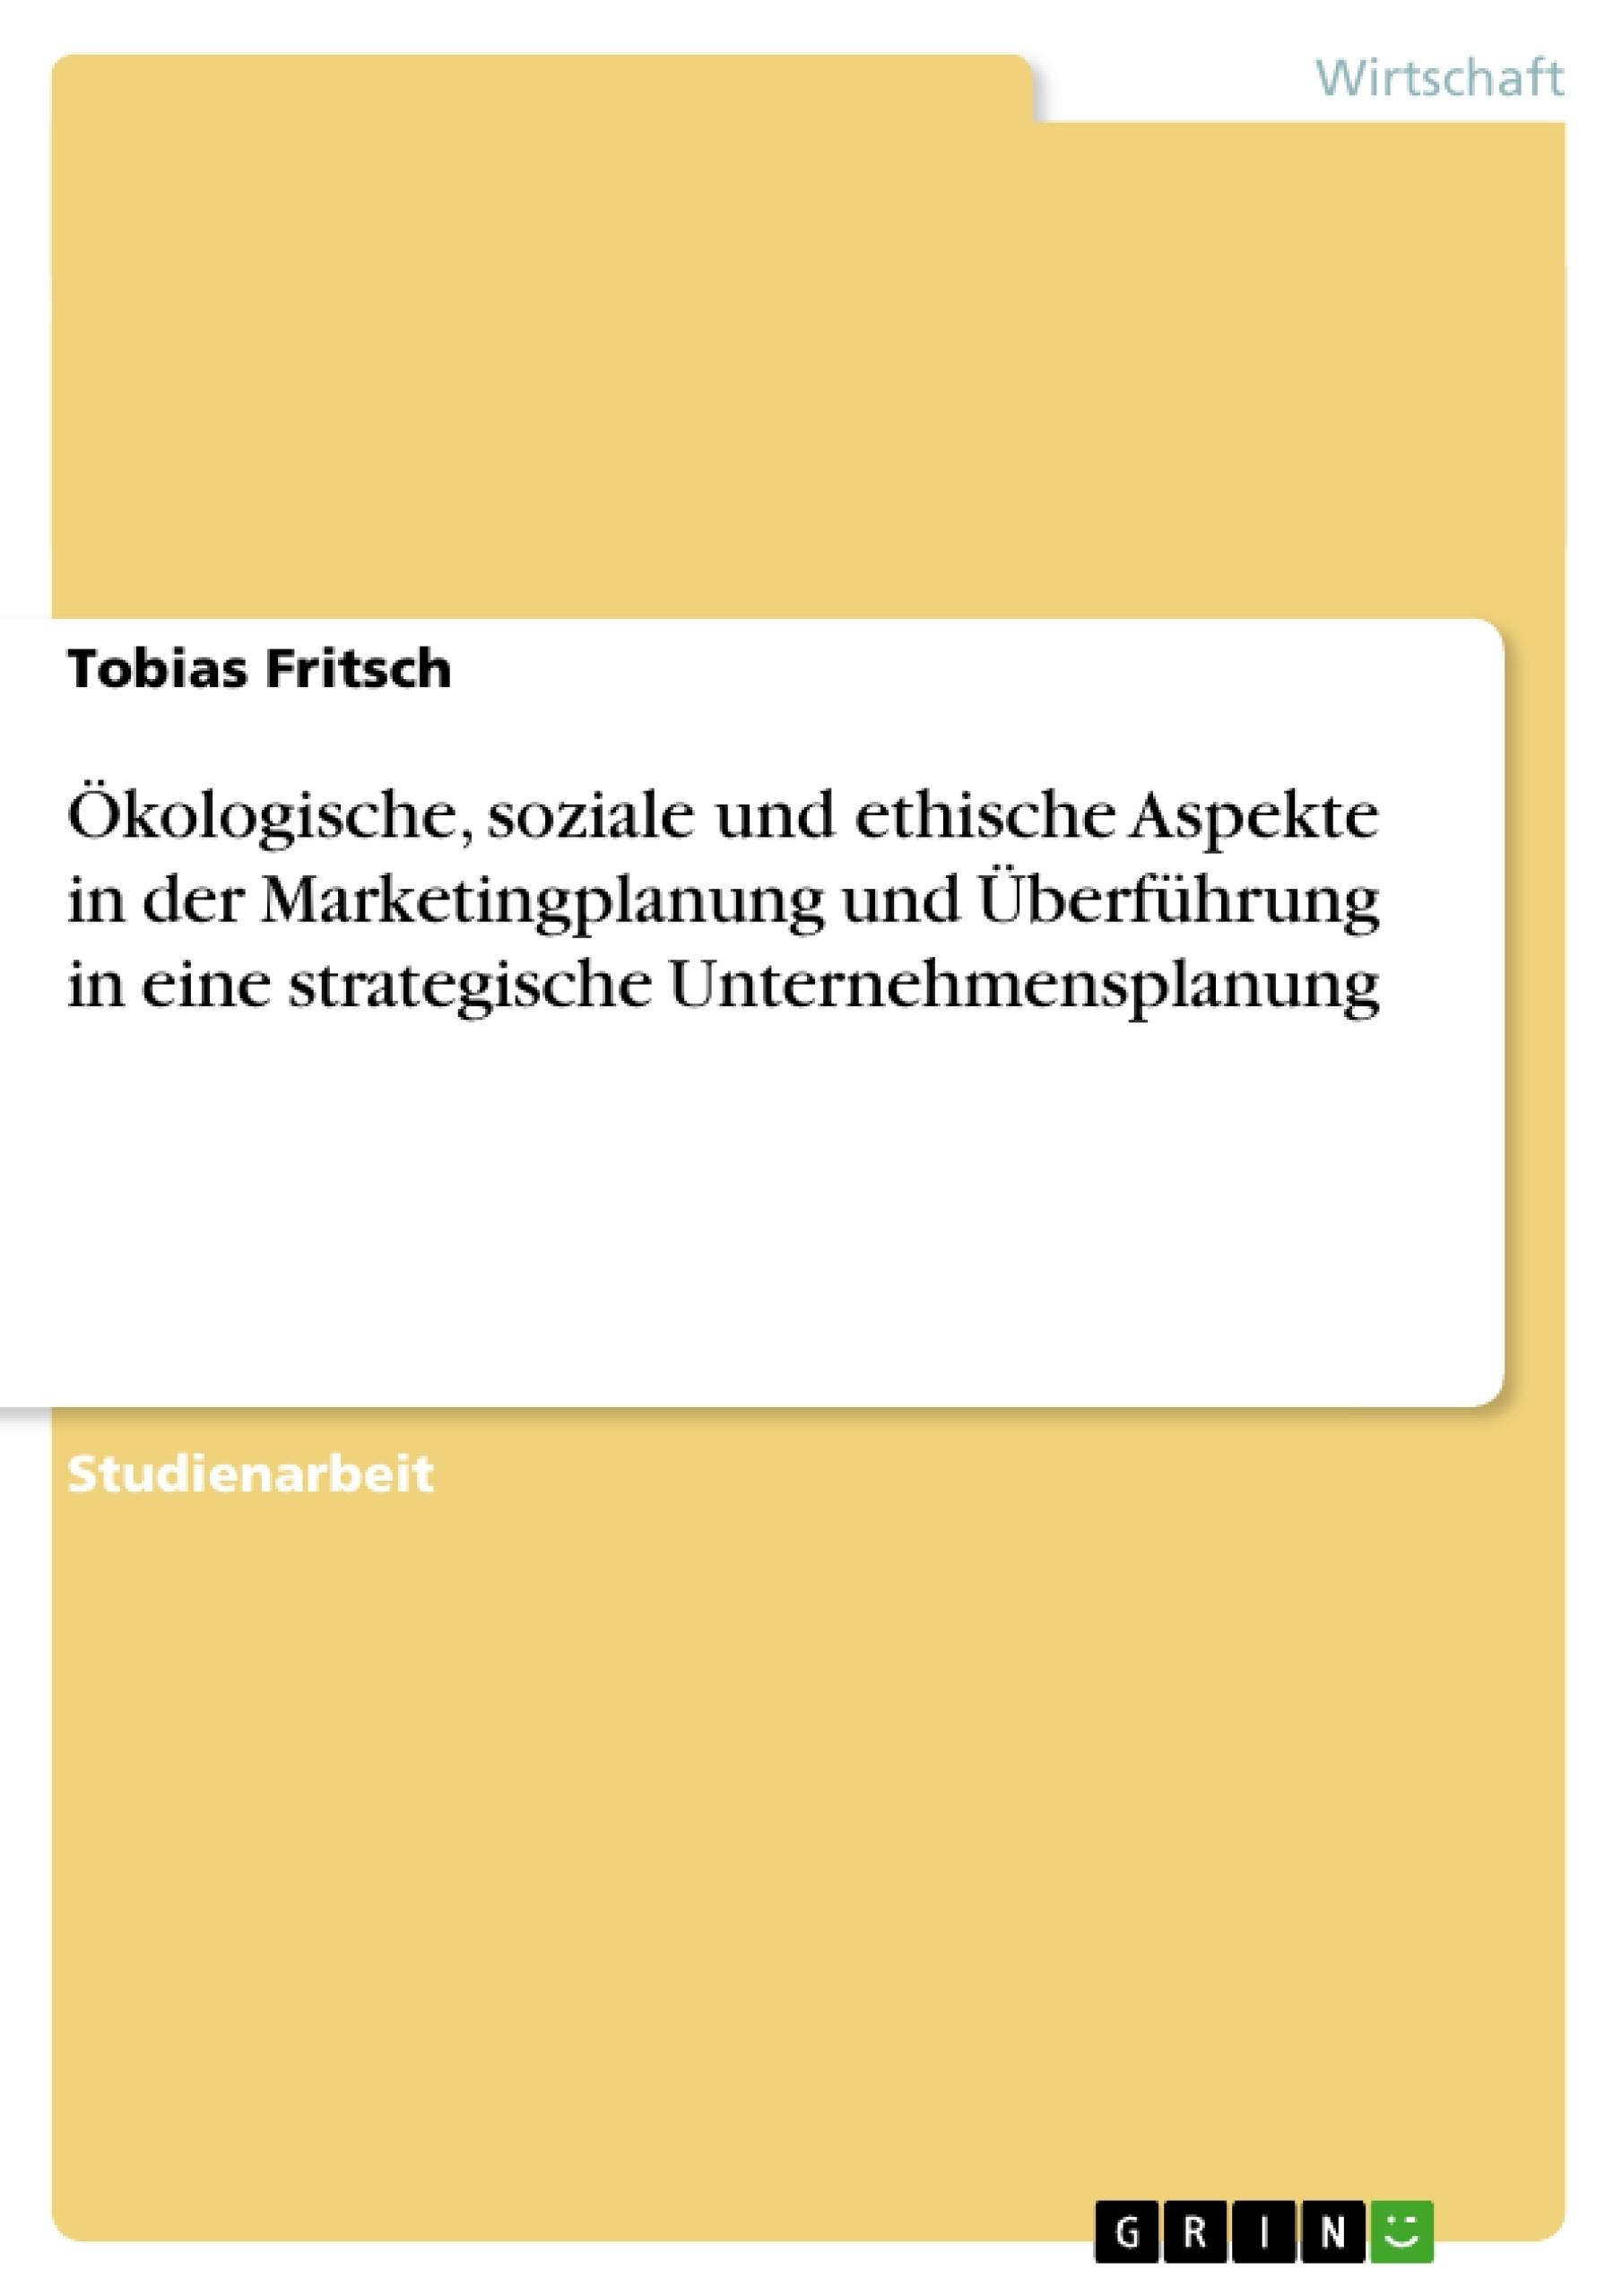 Titel: Ökologische, soziale und ethische Aspekte in der Marketingplanung und Überführung in eine strategische Unternehmensplanung